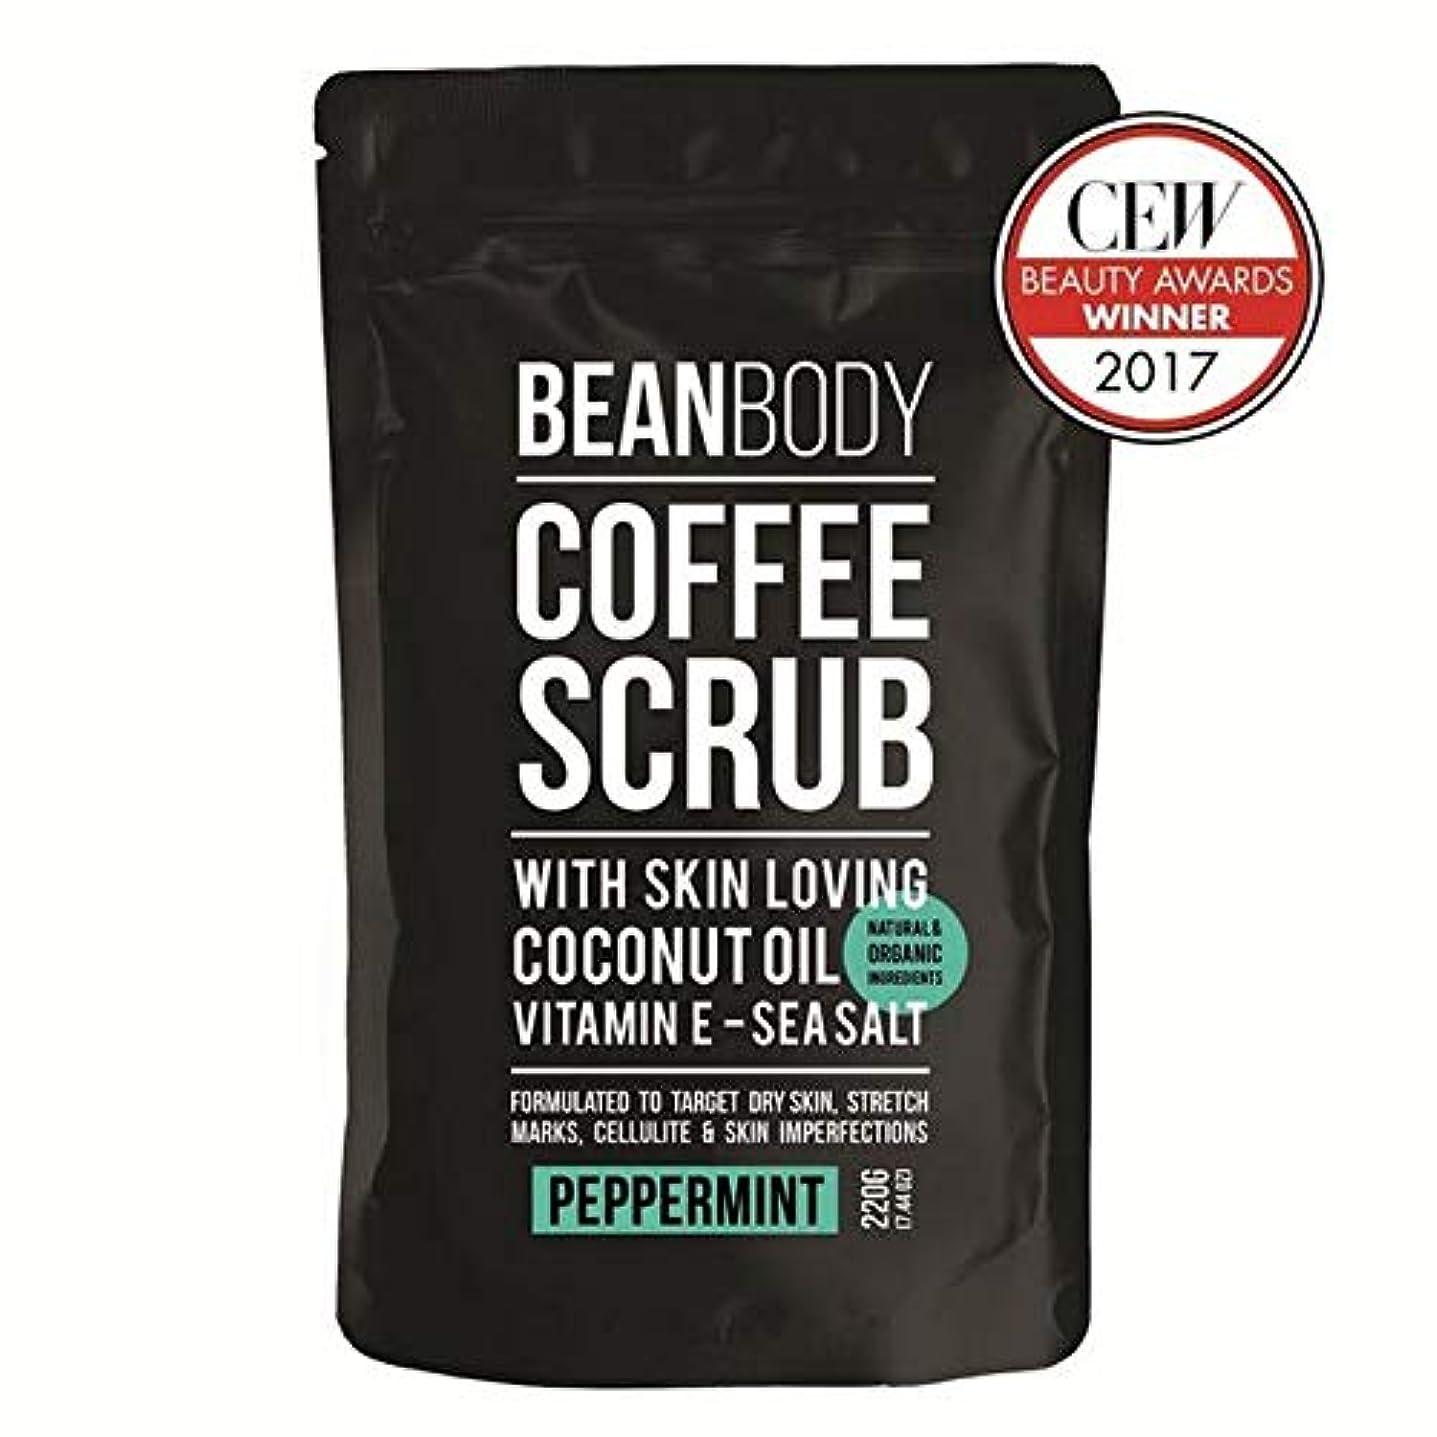 謙虚醸造所オデュッセウス[Bean Body ] 豆のボディコーヒースクラブ、ペパーミント220グラム - Bean Body Coffee Scrub, Peppermint 220g [並行輸入品]